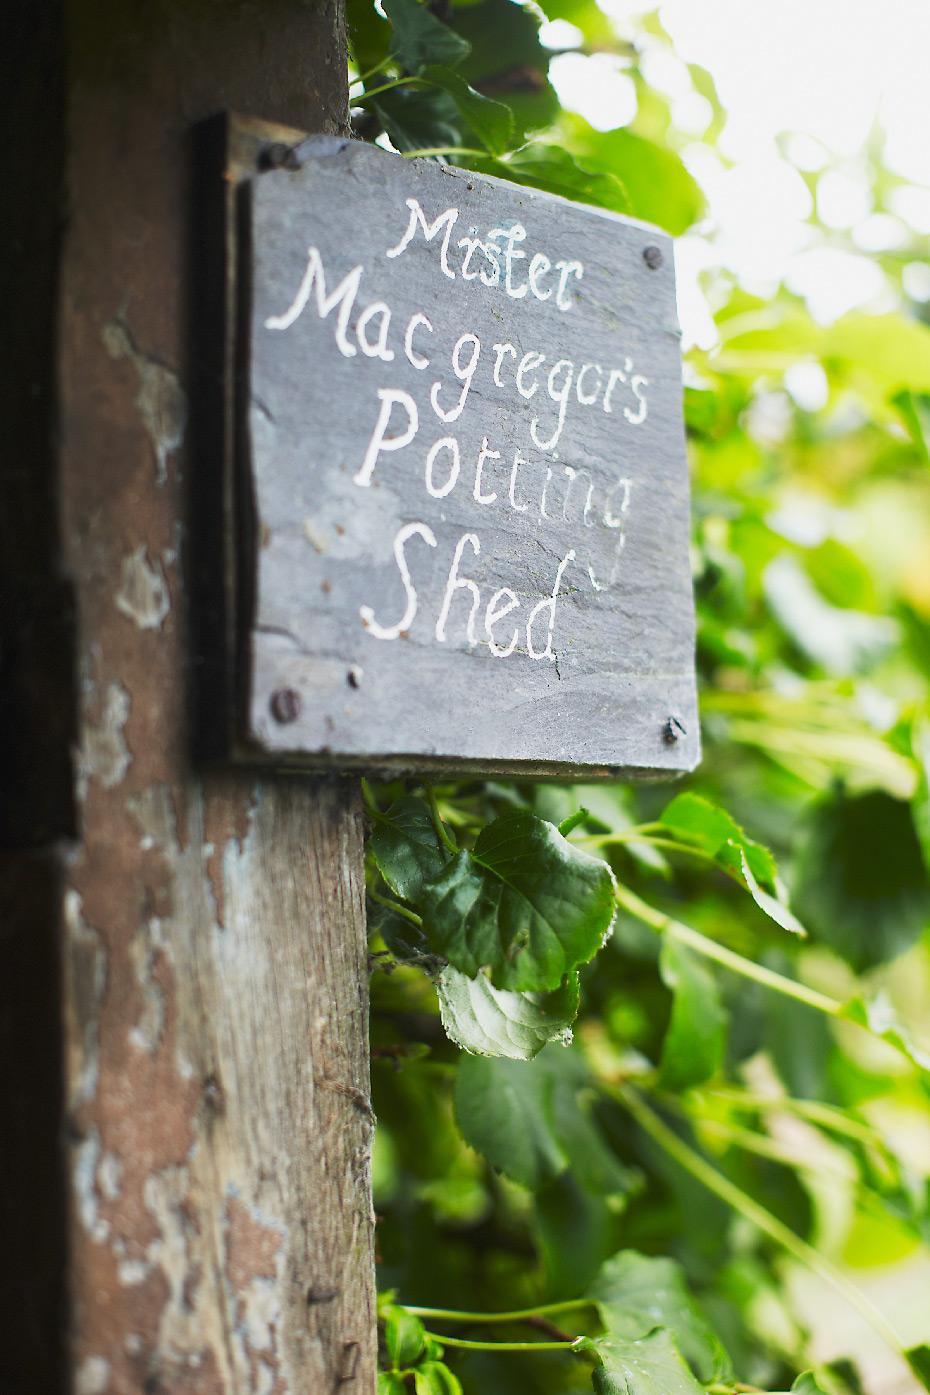 Stacey Van Berkel Photography I Mister Macgregor's Potting Shed sign I Gwaenynog, Wales I Beatrix Potter